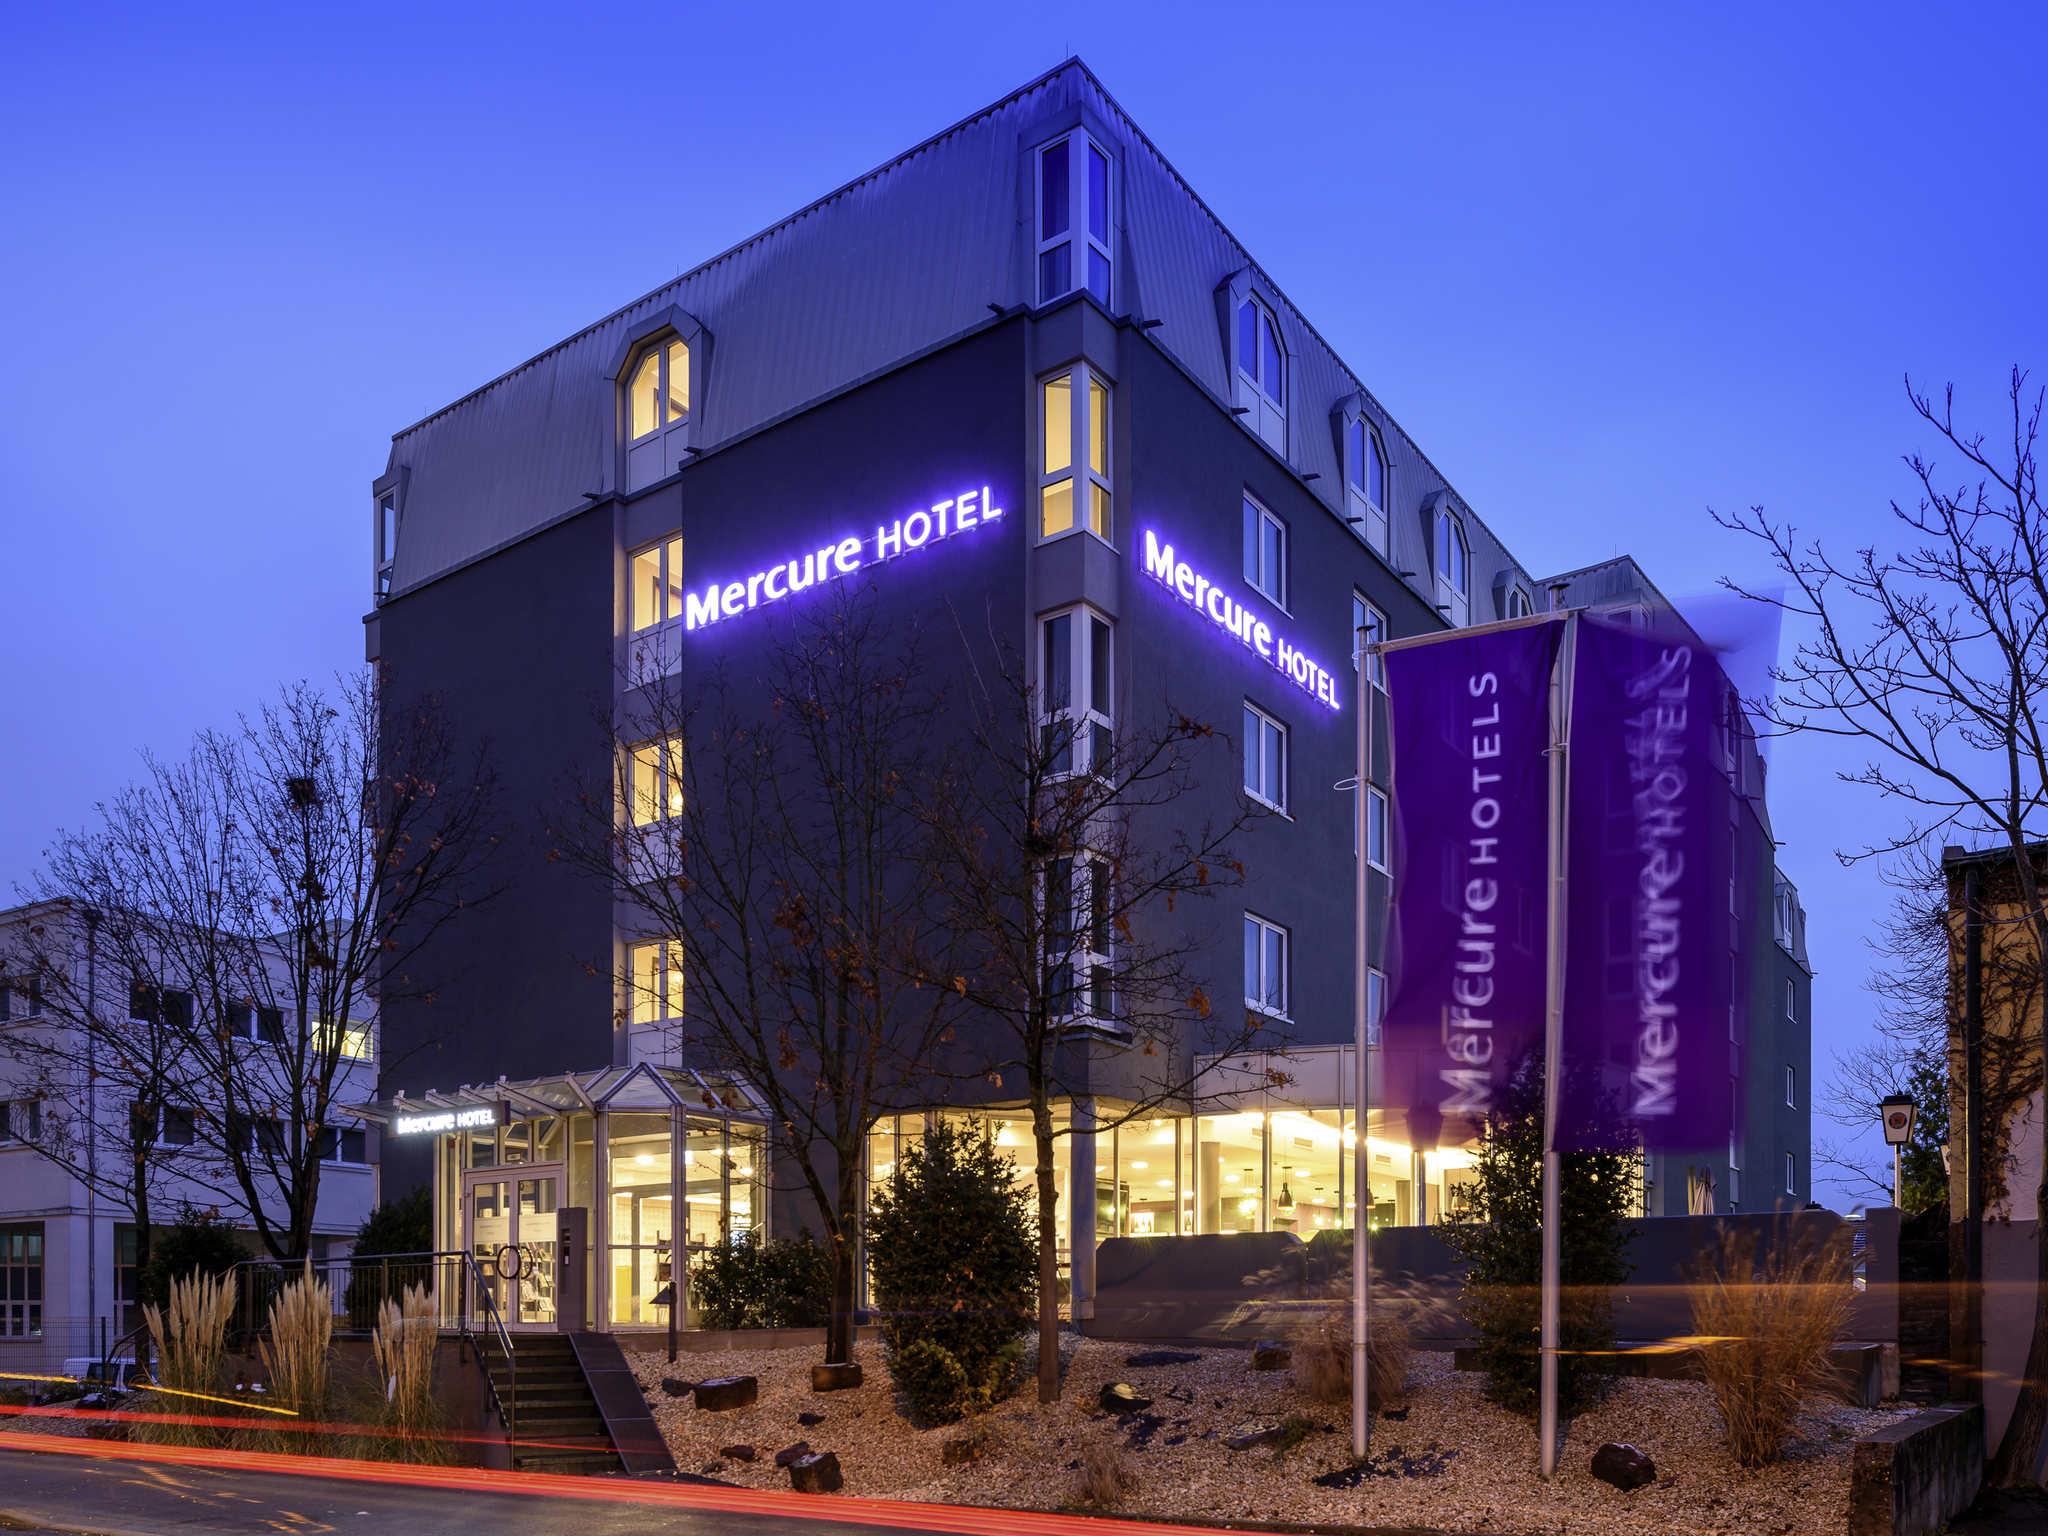 Hotel - Mercure Hotel Stuttgart Zuffenhausen (Opening August 2017)